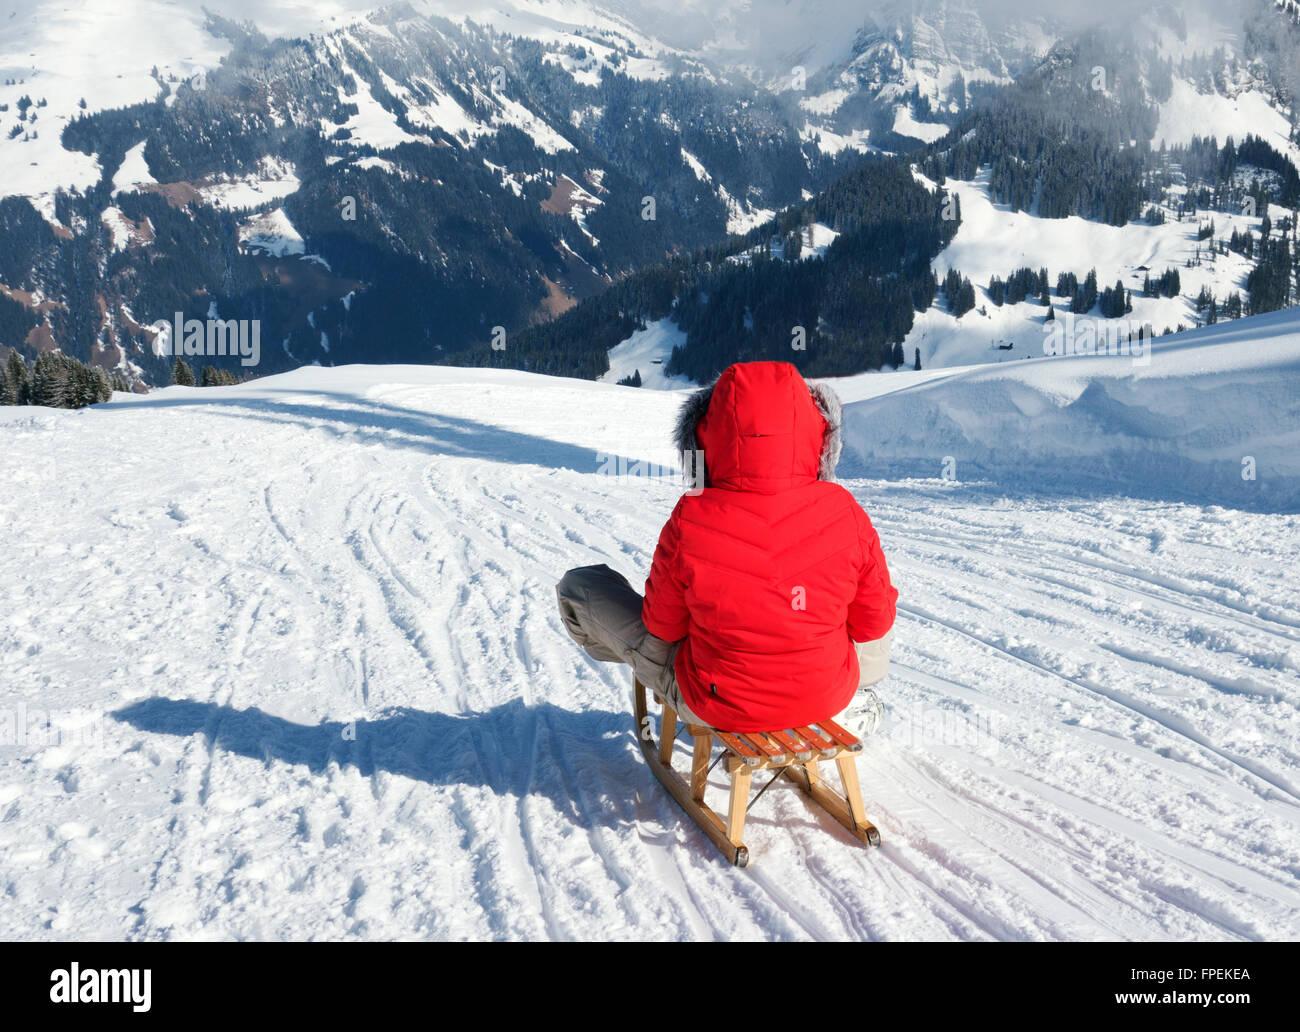 Eine junge Frau, Rodeln in den Schweizer Alpen im Urlaub, am Lenk, Kanton Bern, Schweiz-Europa Stockbild